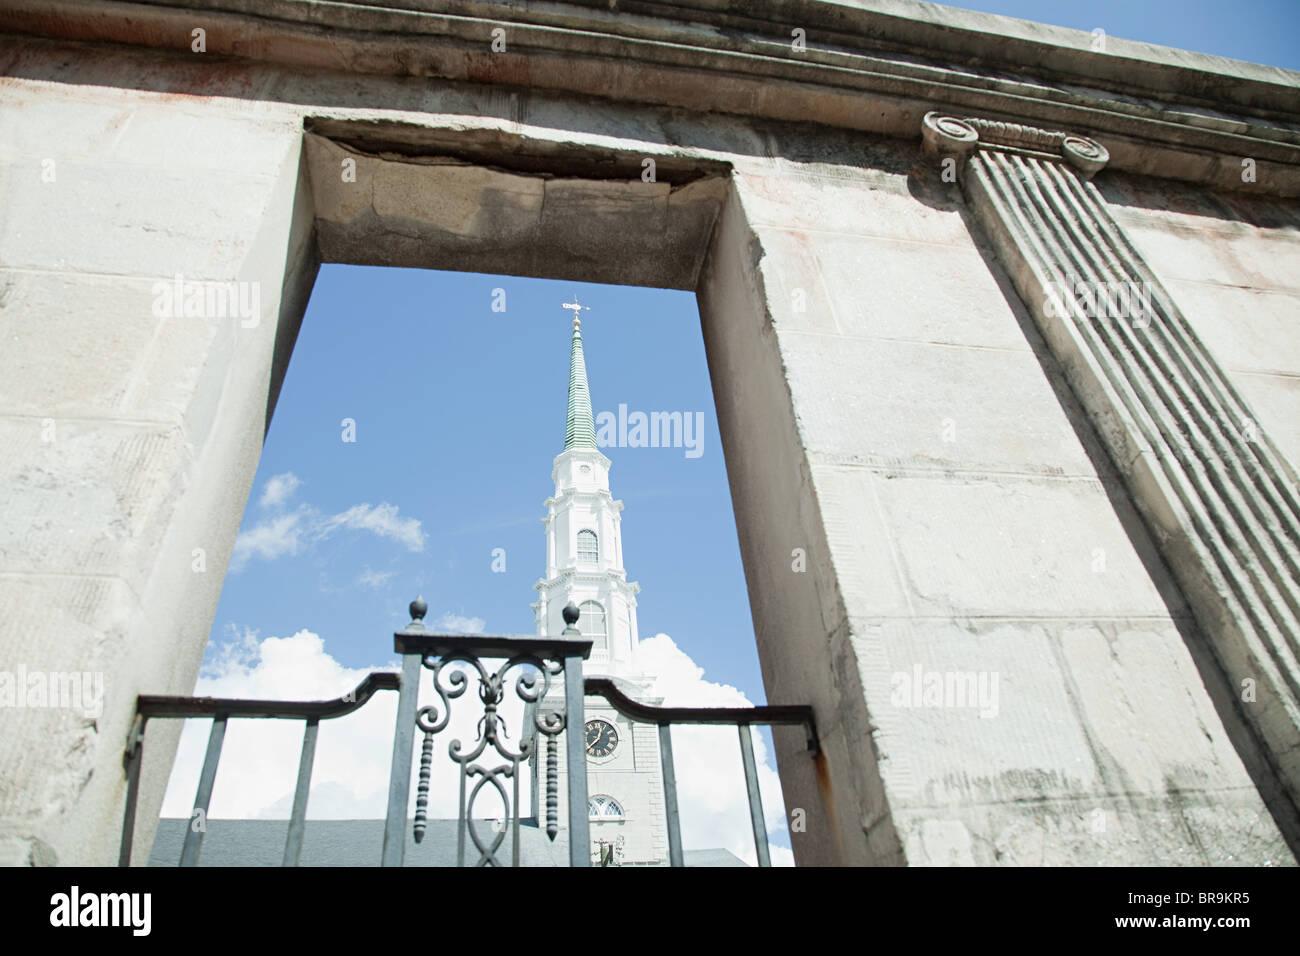 USA, georgia, savannah, independent presbyterian church - Stock Image